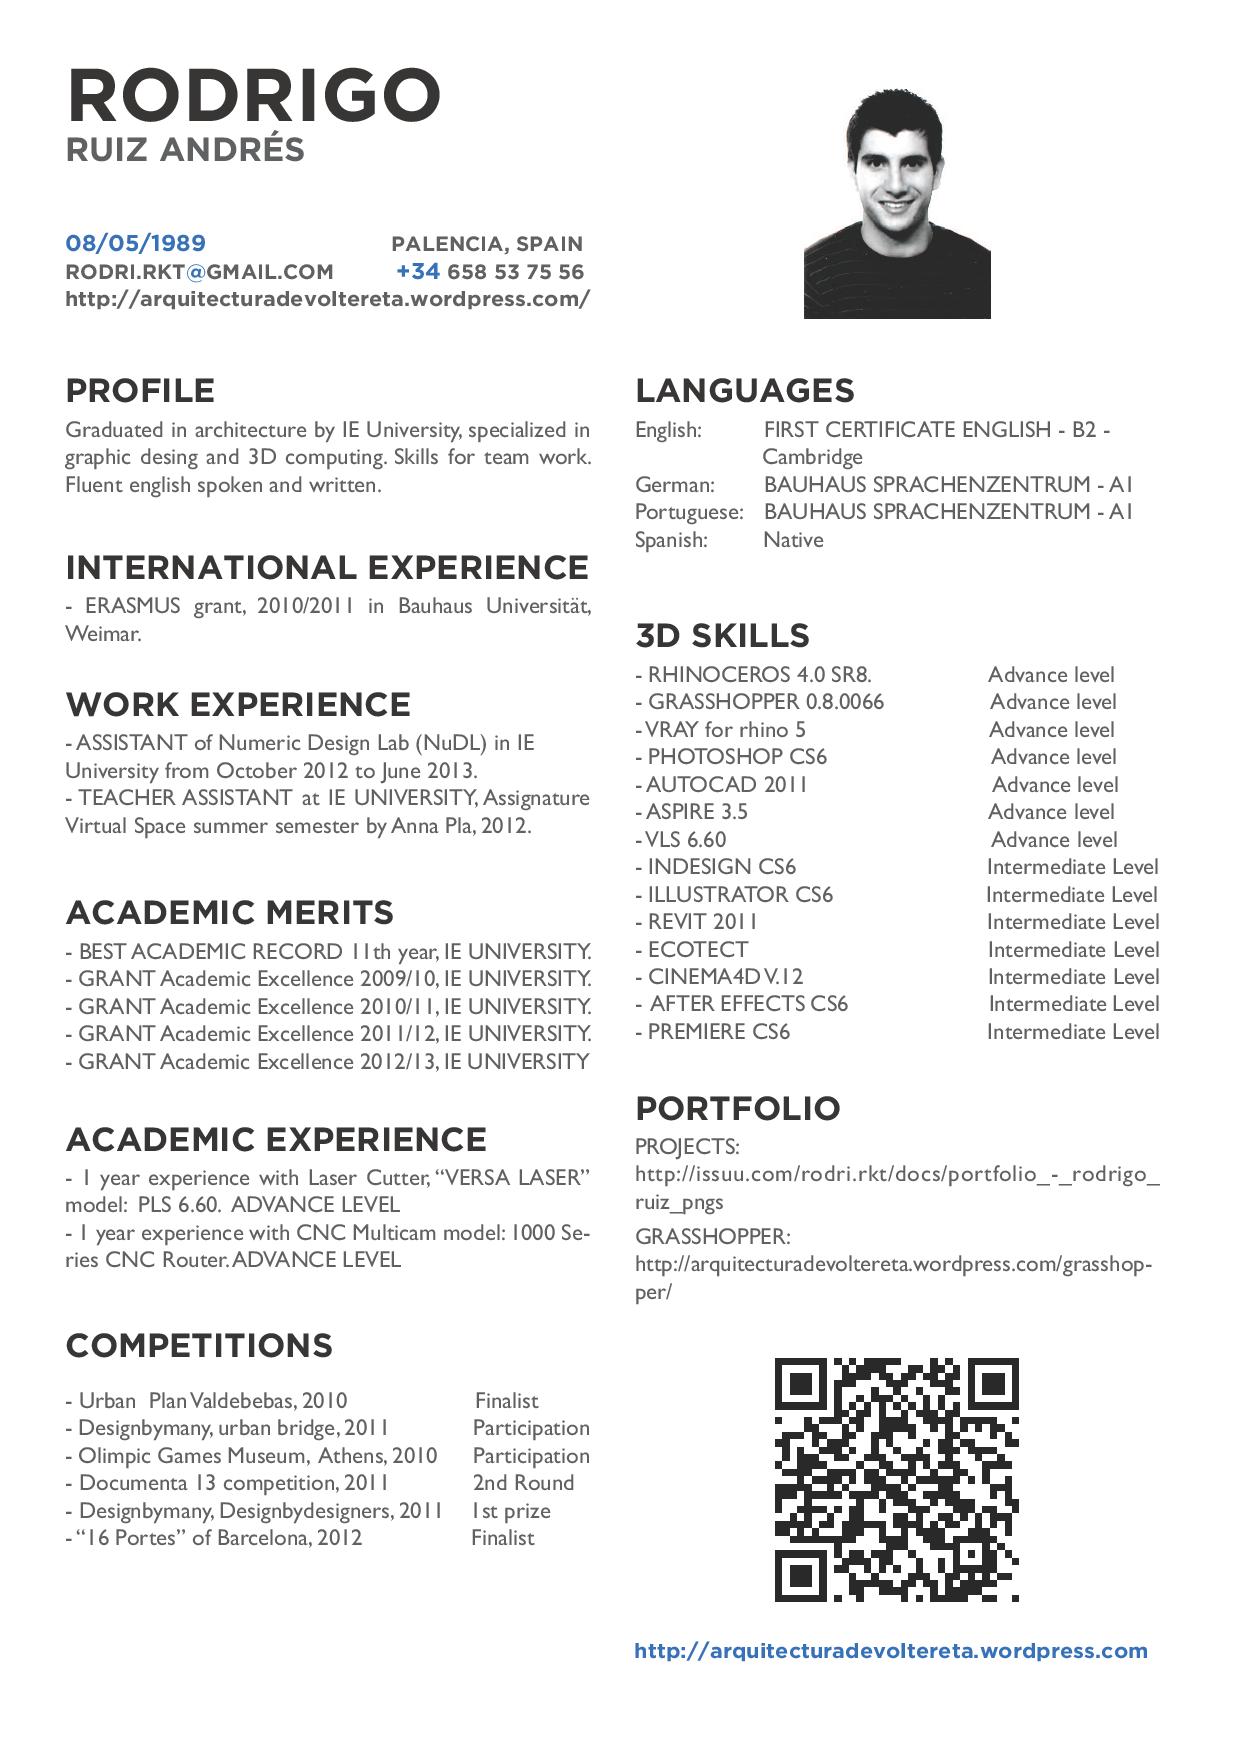 Curriculum Vitae Http Arquitecturadevoltereta Wordpress Com Cv